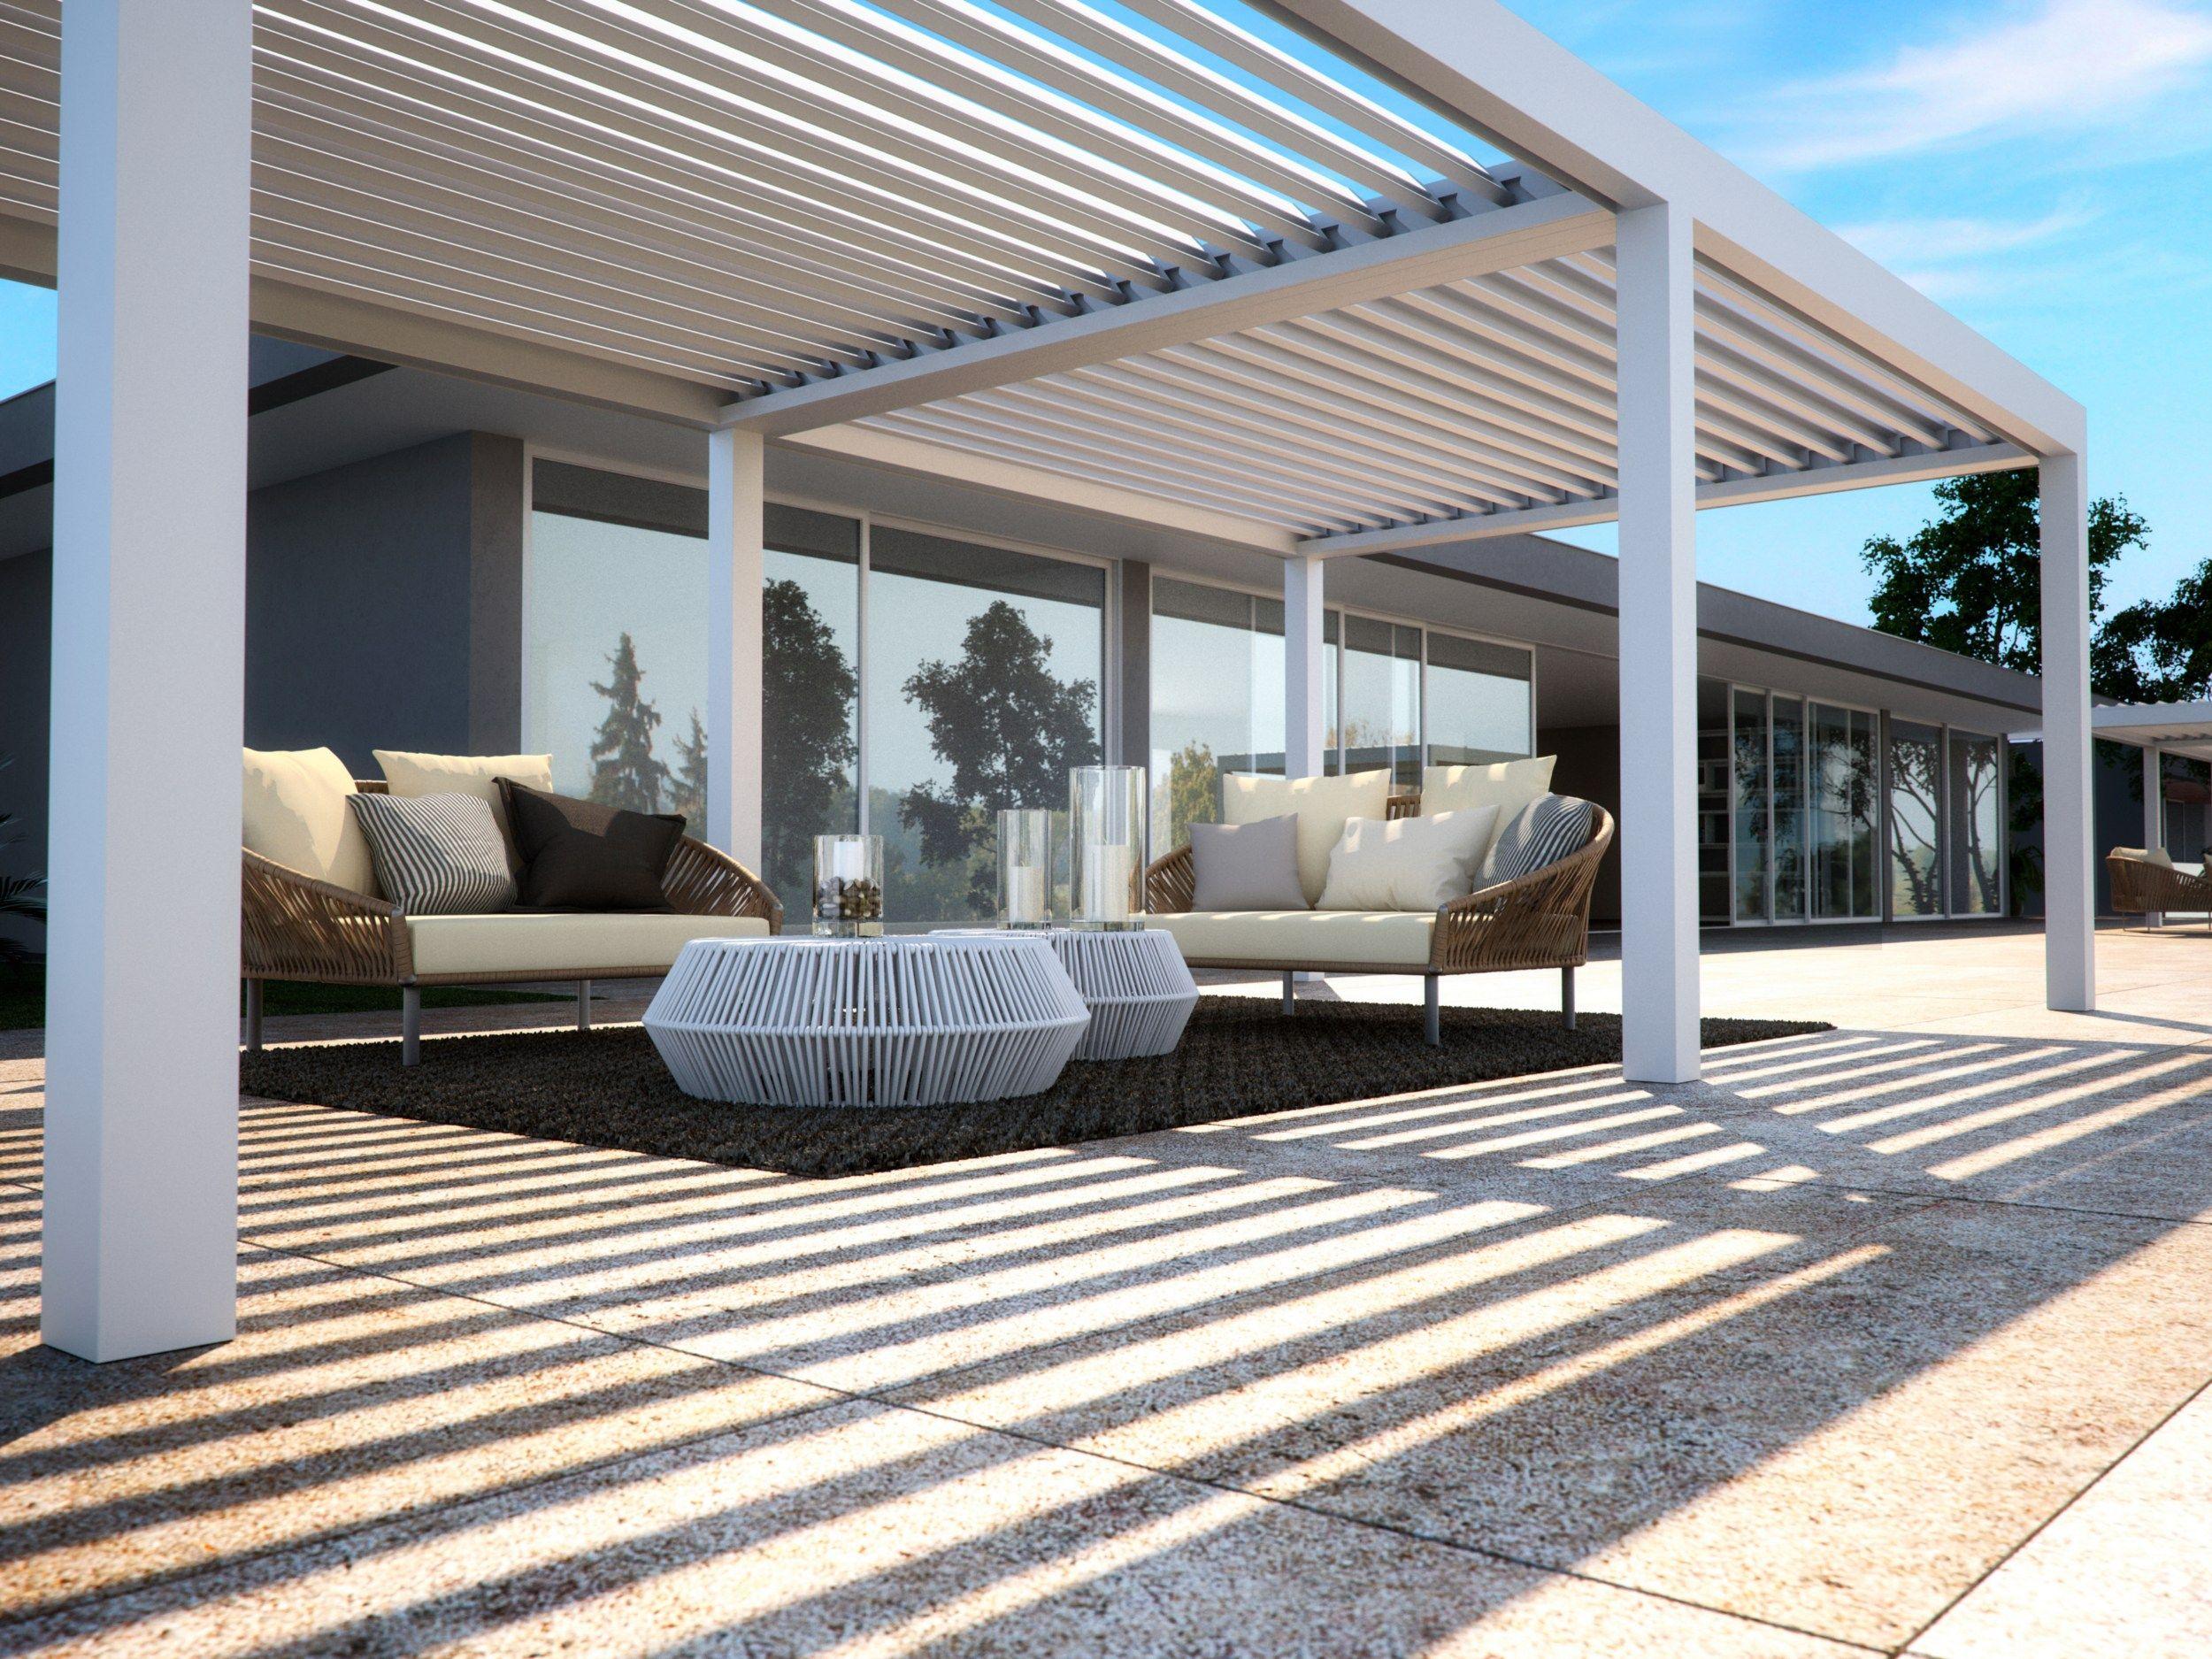 bioklimatische pergola terrassenueberdachung – menerima, Terrassen ideen